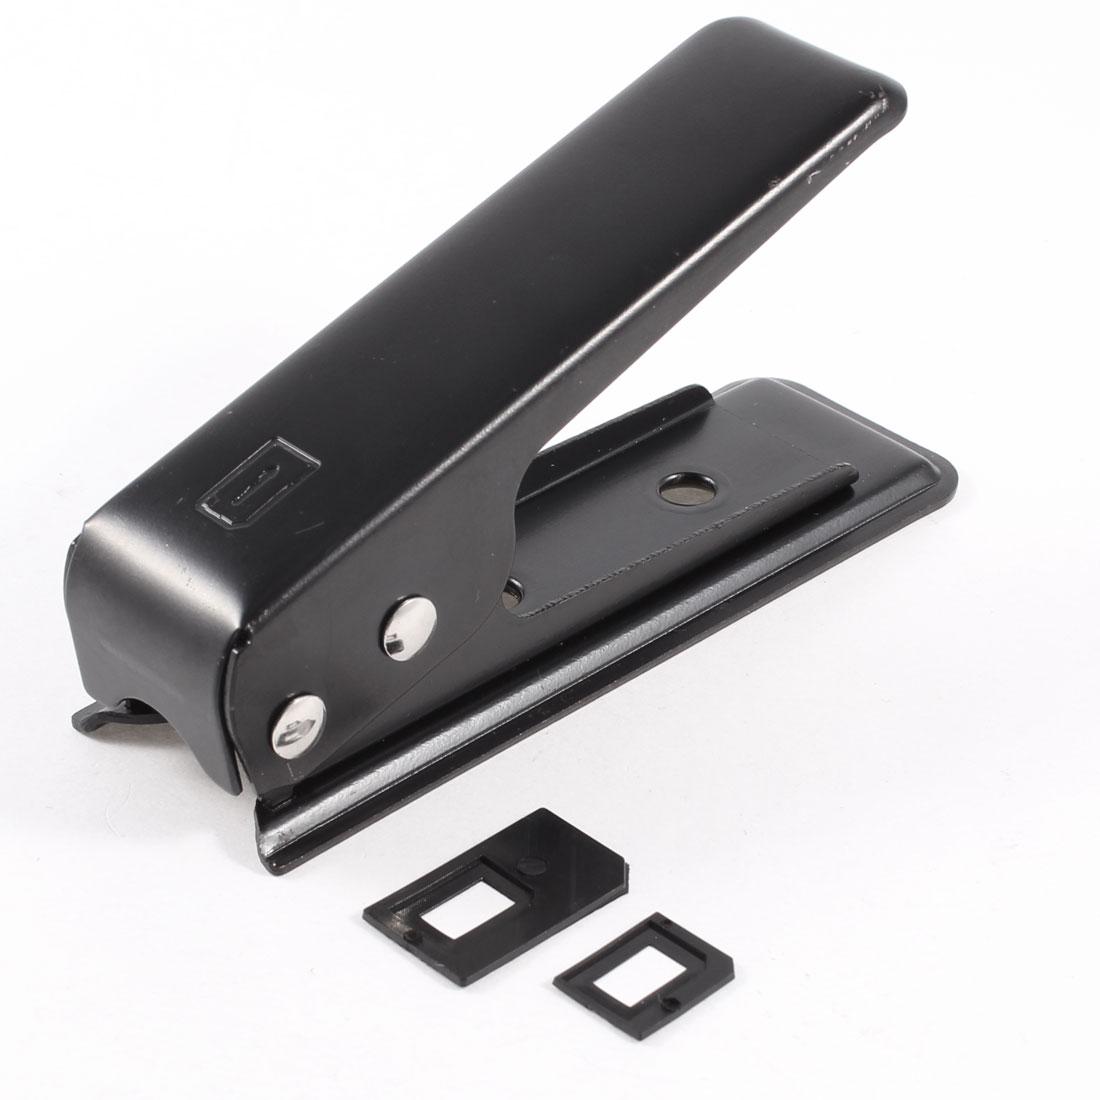 Black Metal Nano SIM Card Cutter